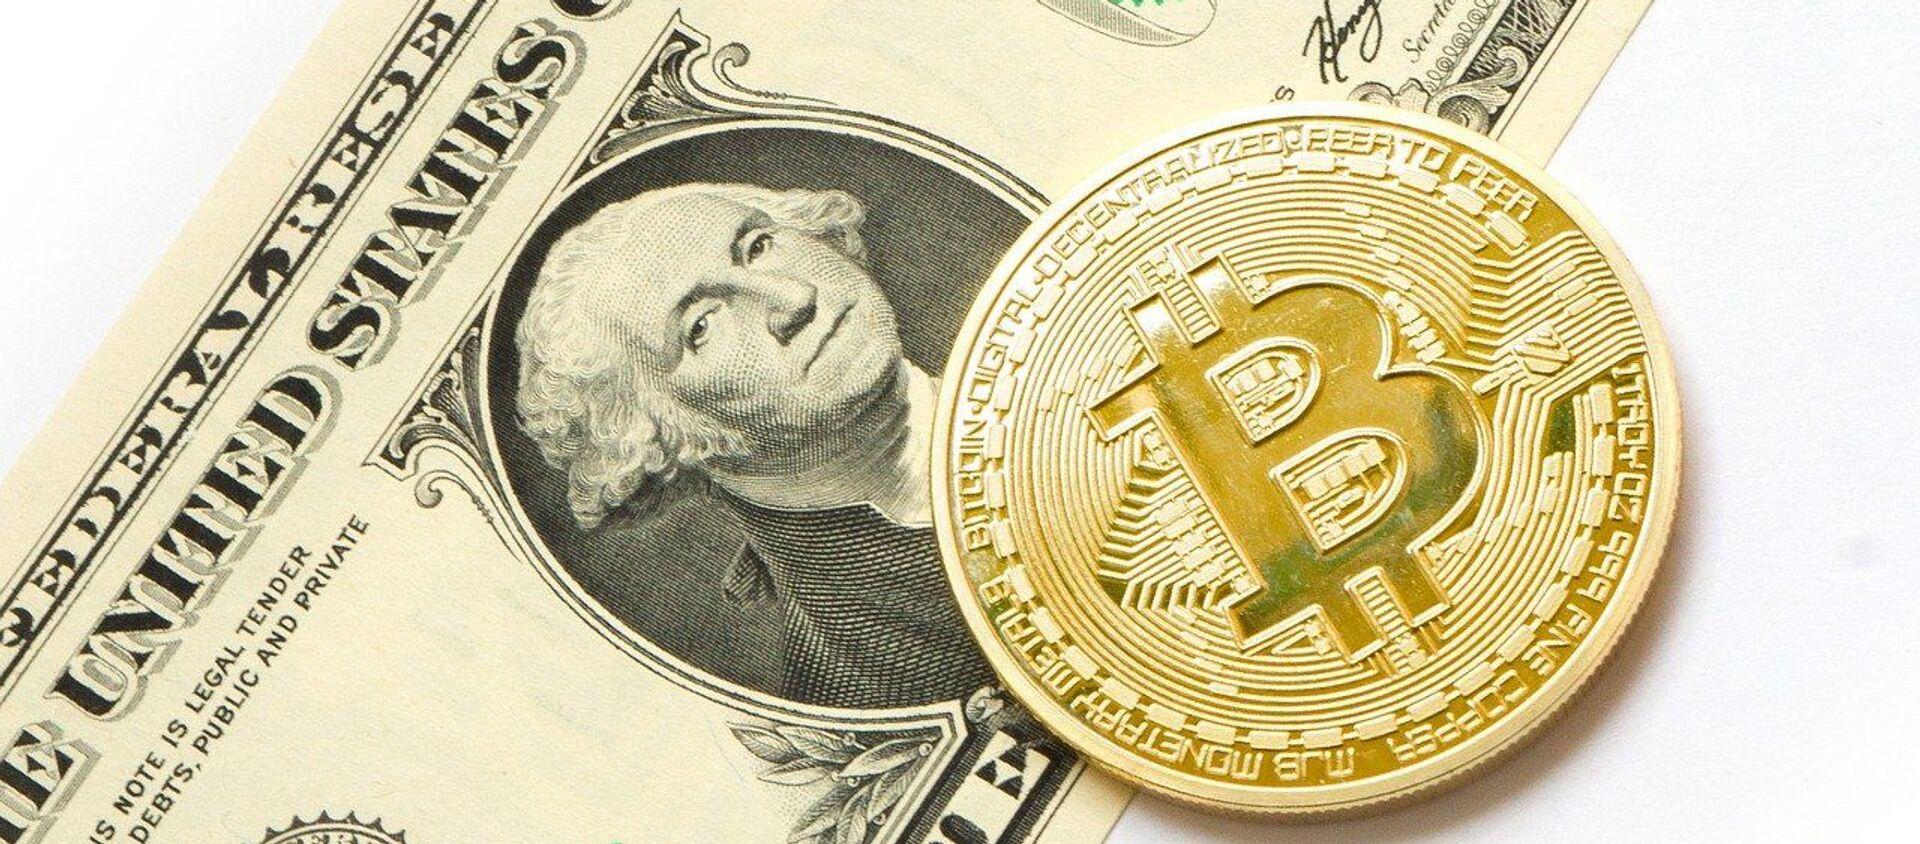 Le bitcoin (image d'illustration) - Sputnik France, 1920, 03.09.2021